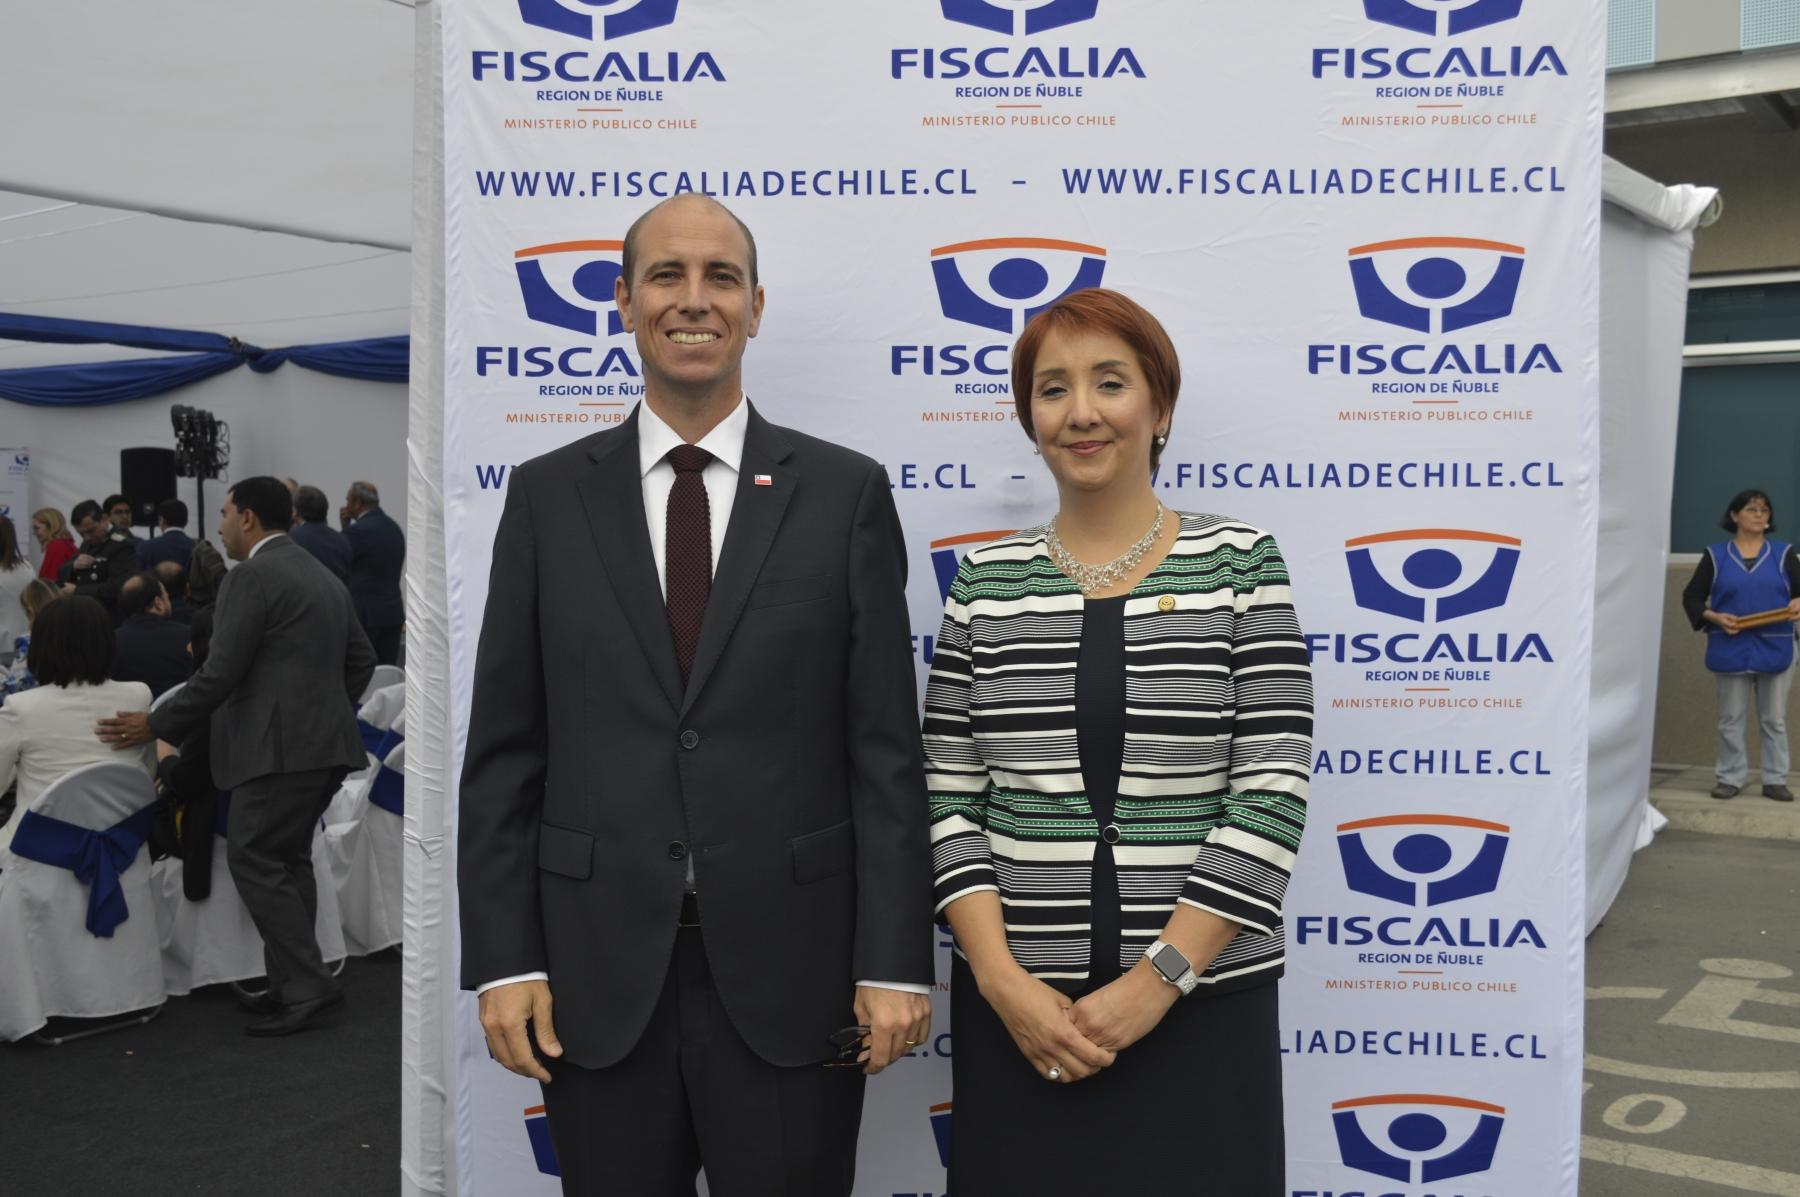 Martín Arrau (Intendente Región de Ñuble) y Nayalet Mansilla (Fiscal Región de Ñuble).